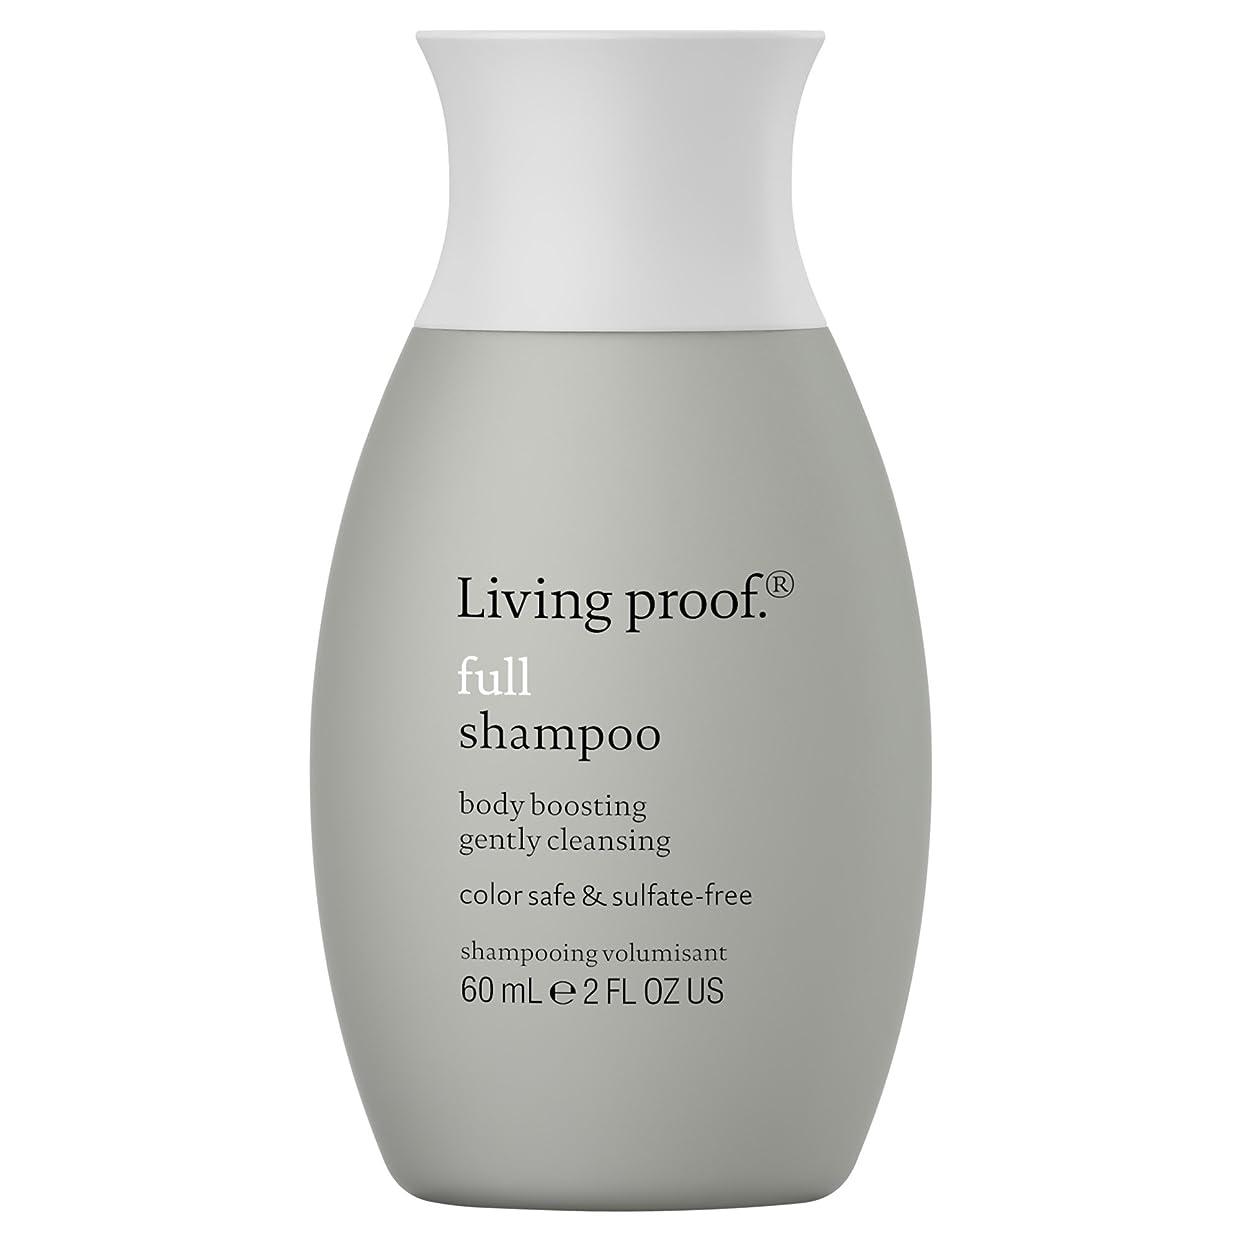 神経衰弱シニス別々に生きている証拠フルシャンプー60ミリリットル (Living Proof) (x2) - Living Proof Full Shampoo 60ml (Pack of 2) [並行輸入品]